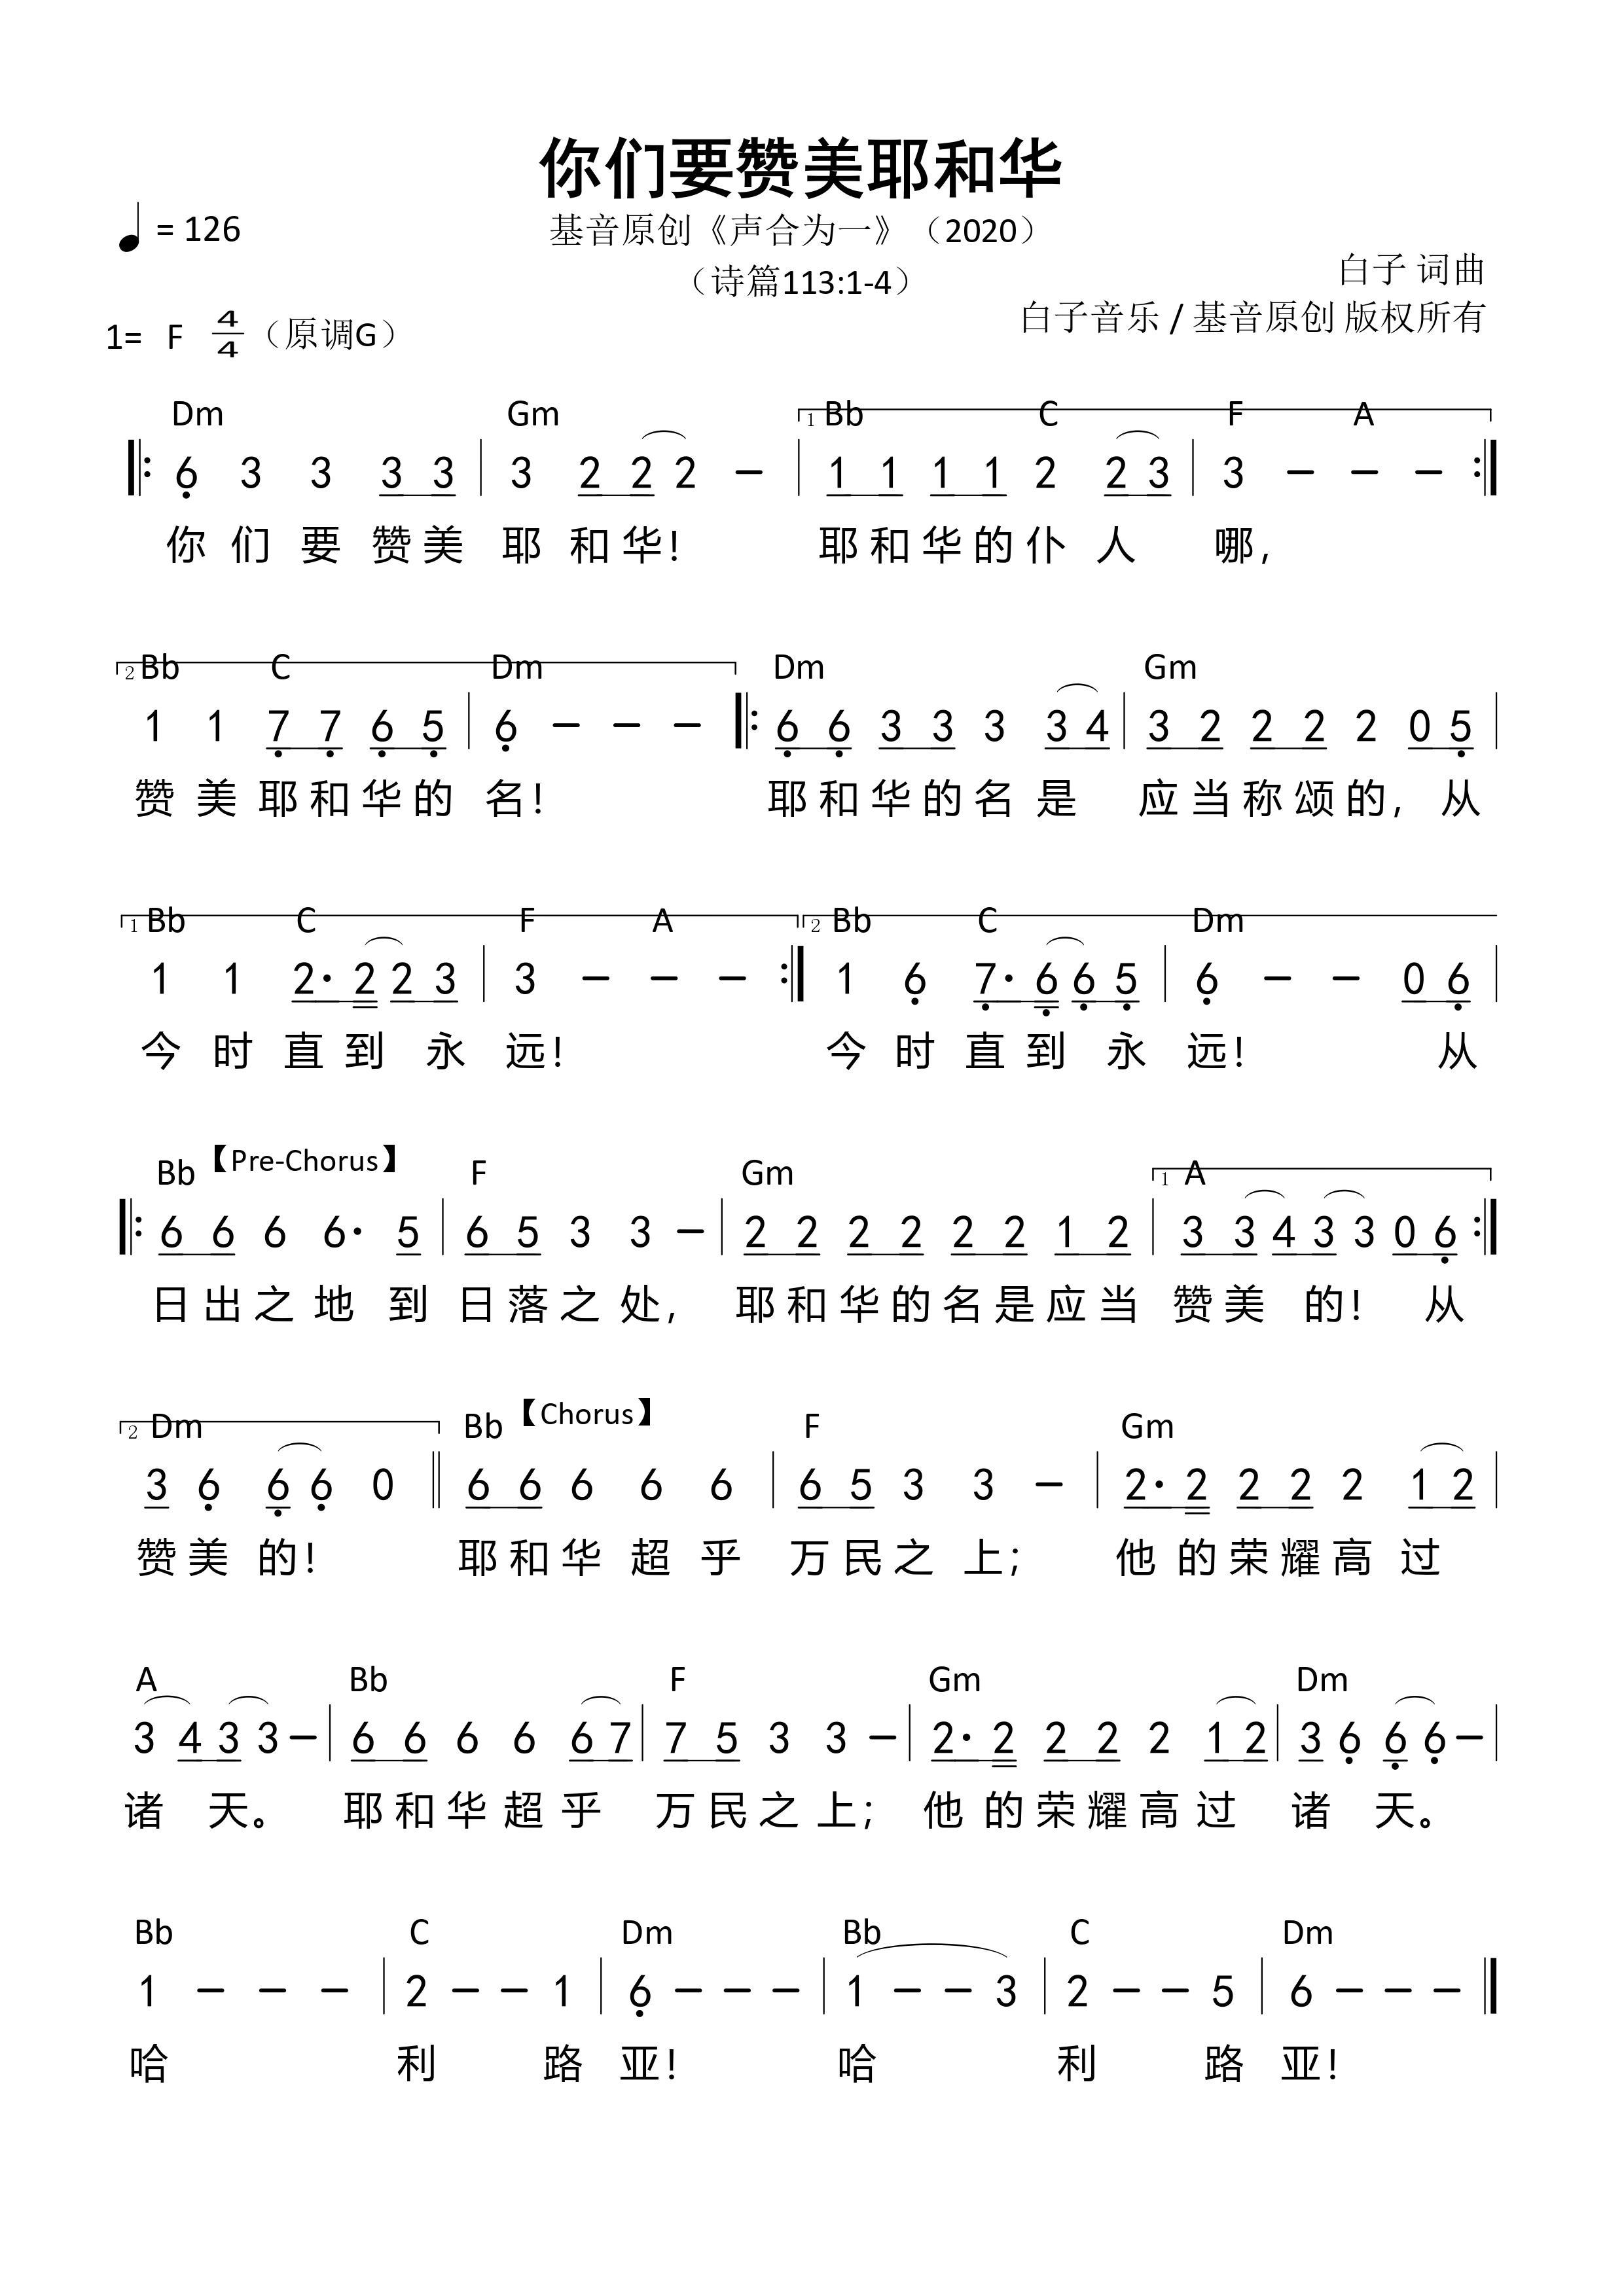 《你们要赞美耶和华 和弦简谱》